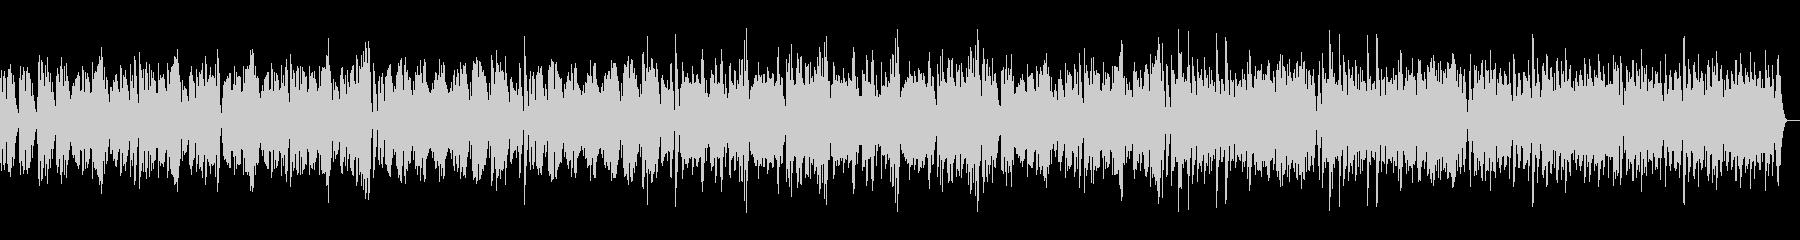 オリジナル・ラグス_オルゴールverの未再生の波形